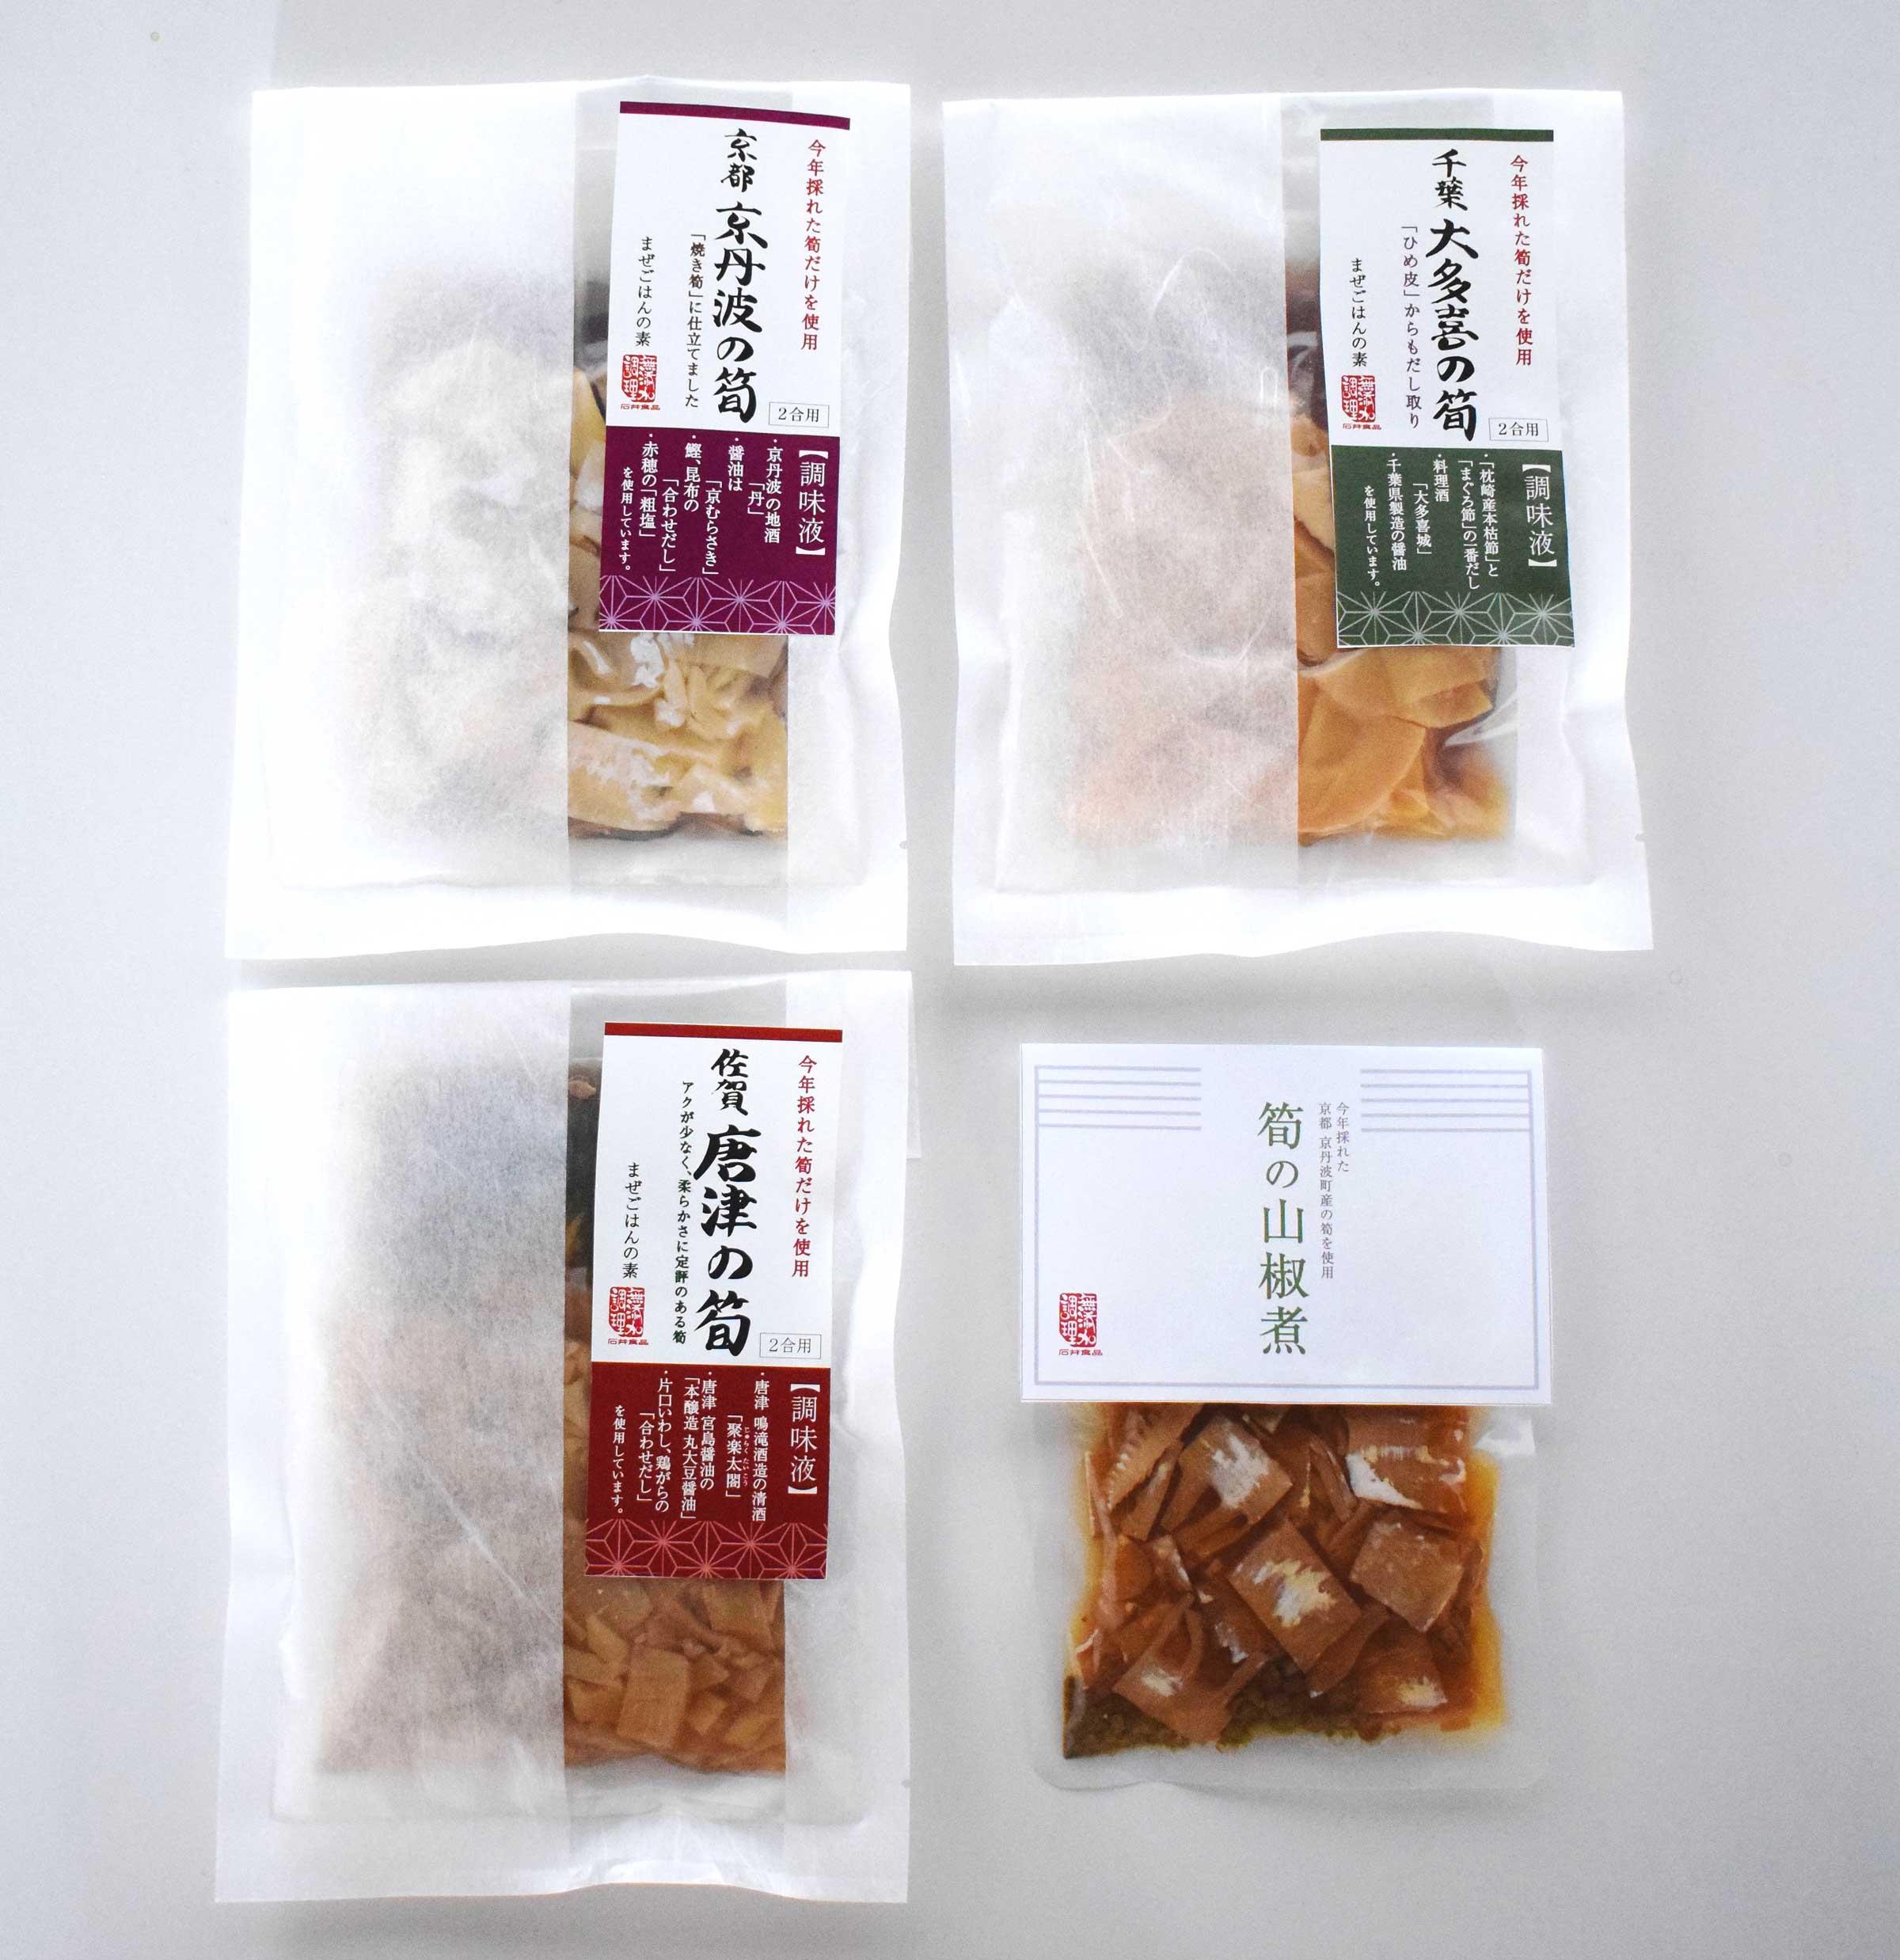 今年採れた旬の筍食べ比べセット